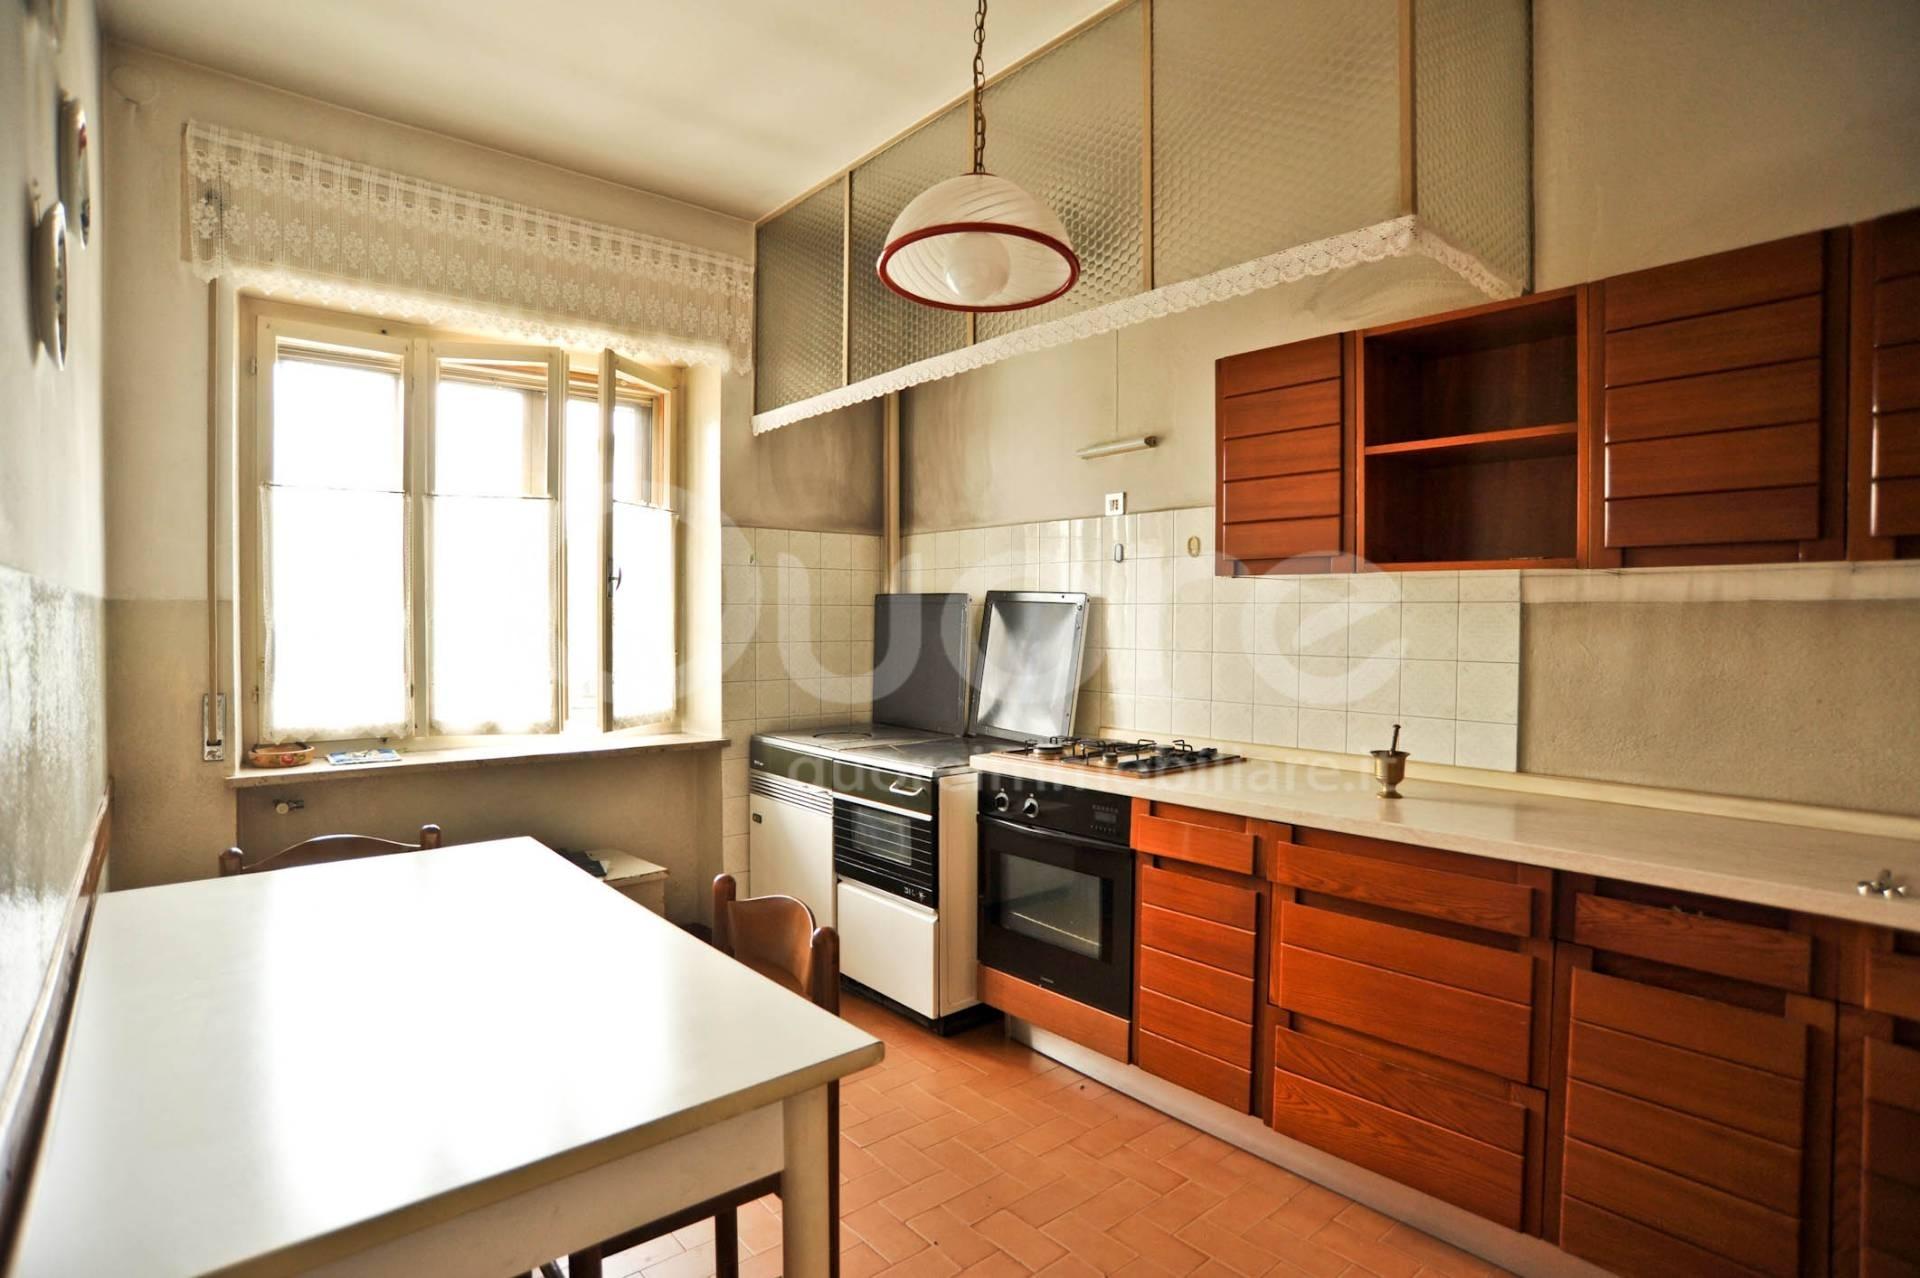 Rustico / Casale in vendita a Moruzzo, 5 locali, zona Zona: Alnicco, prezzo € 145.000   CambioCasa.it